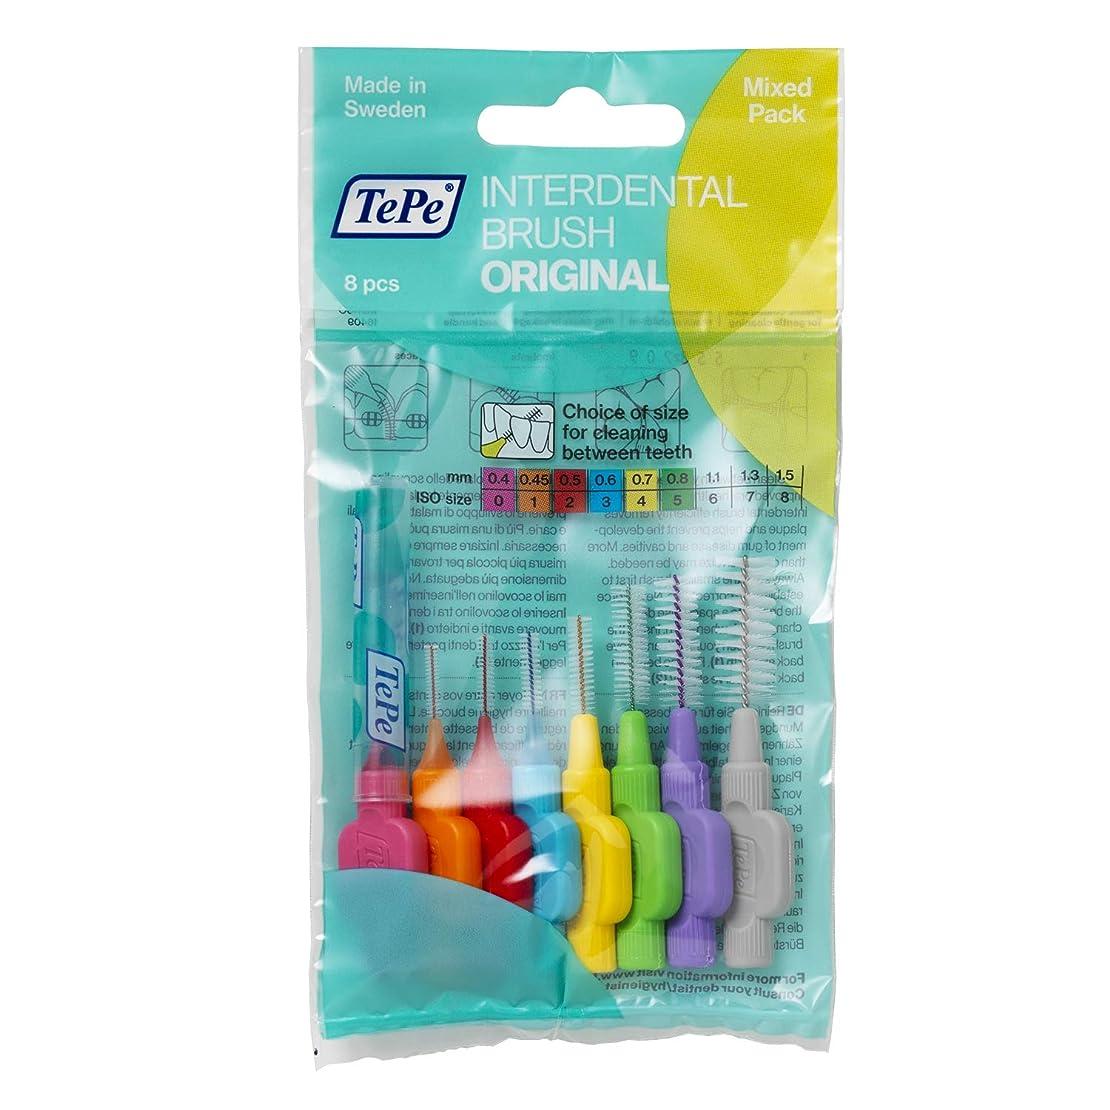 きらきら敗北告白TePe Interdental Brushes Original Mixed 8 Brushes by TePe